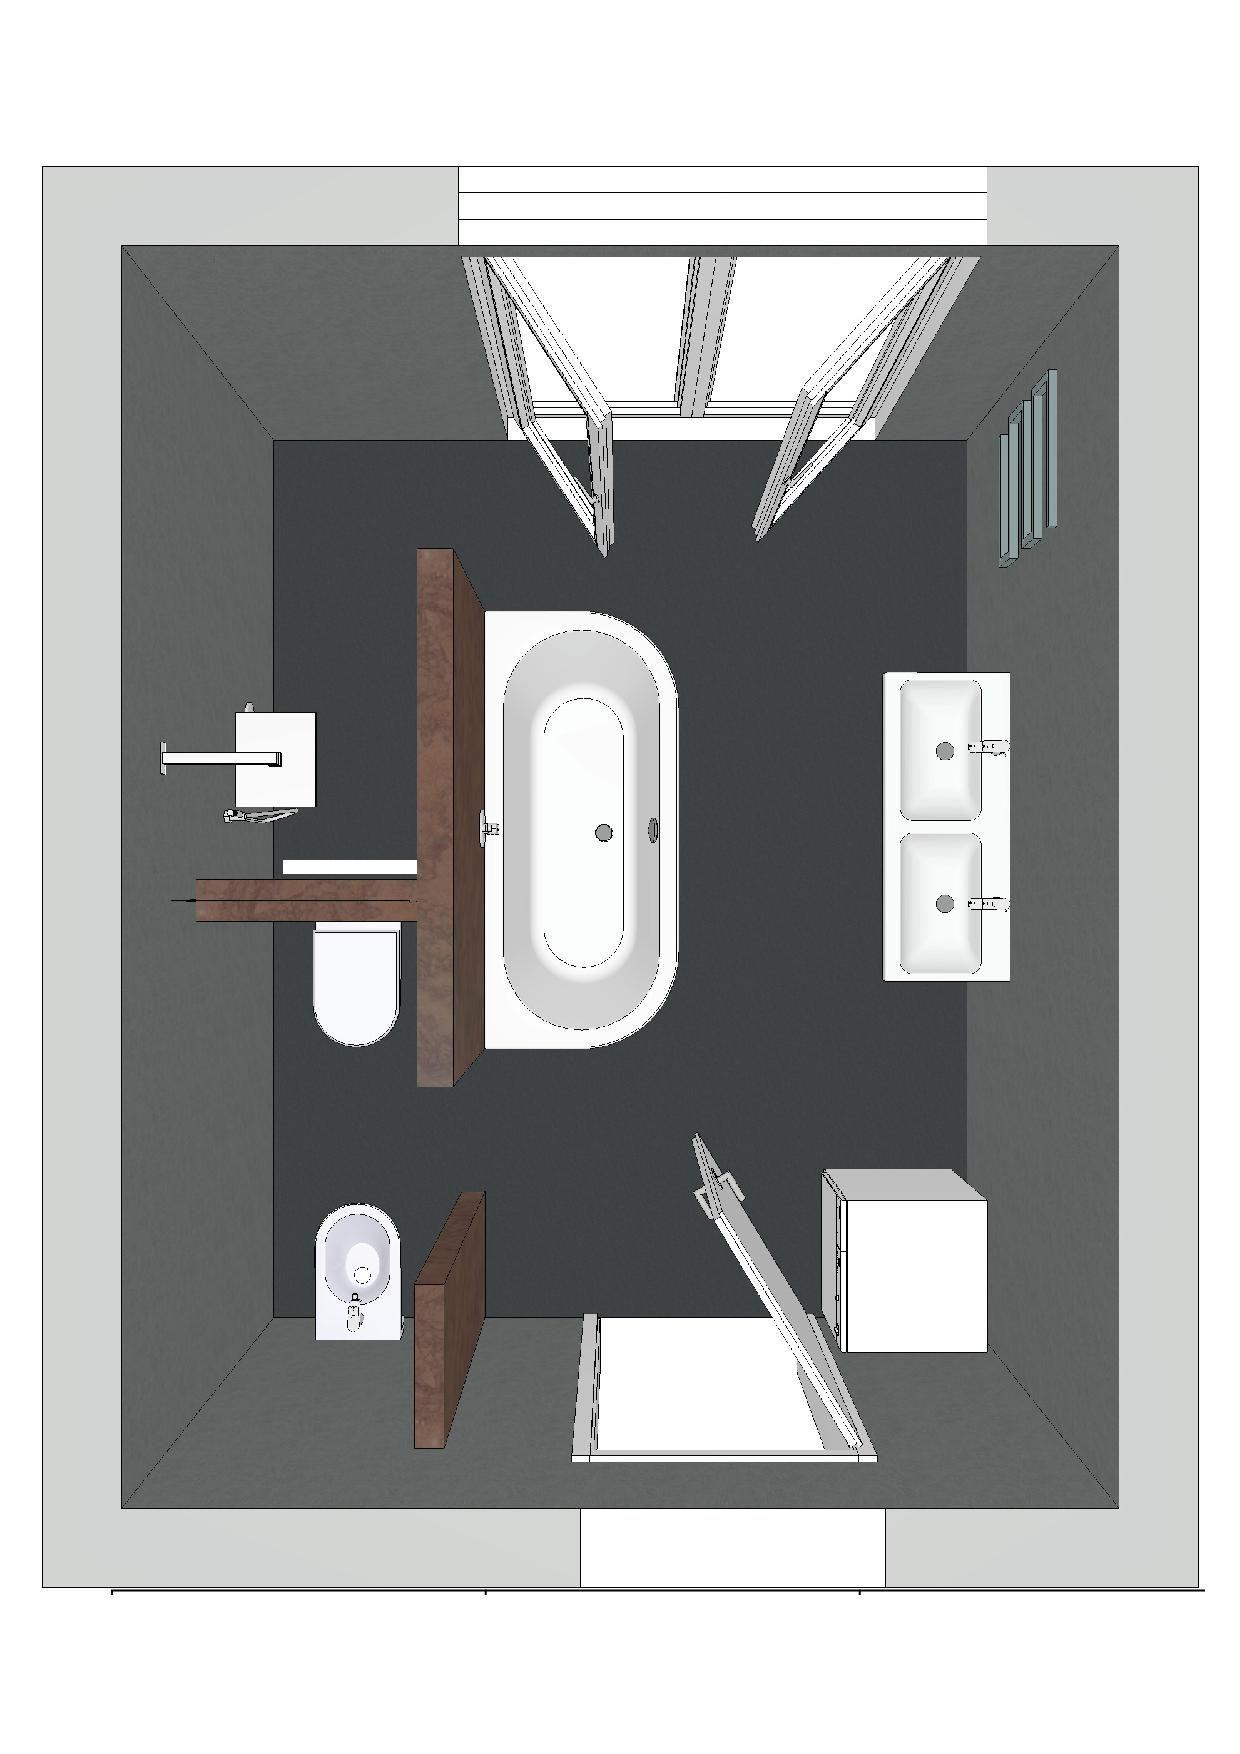 Ein Badezimmer Mit Einer Badewanne Die Auf Drei Seiten Freisteht Bad Grundriss Badezimmerideen Badezimmer